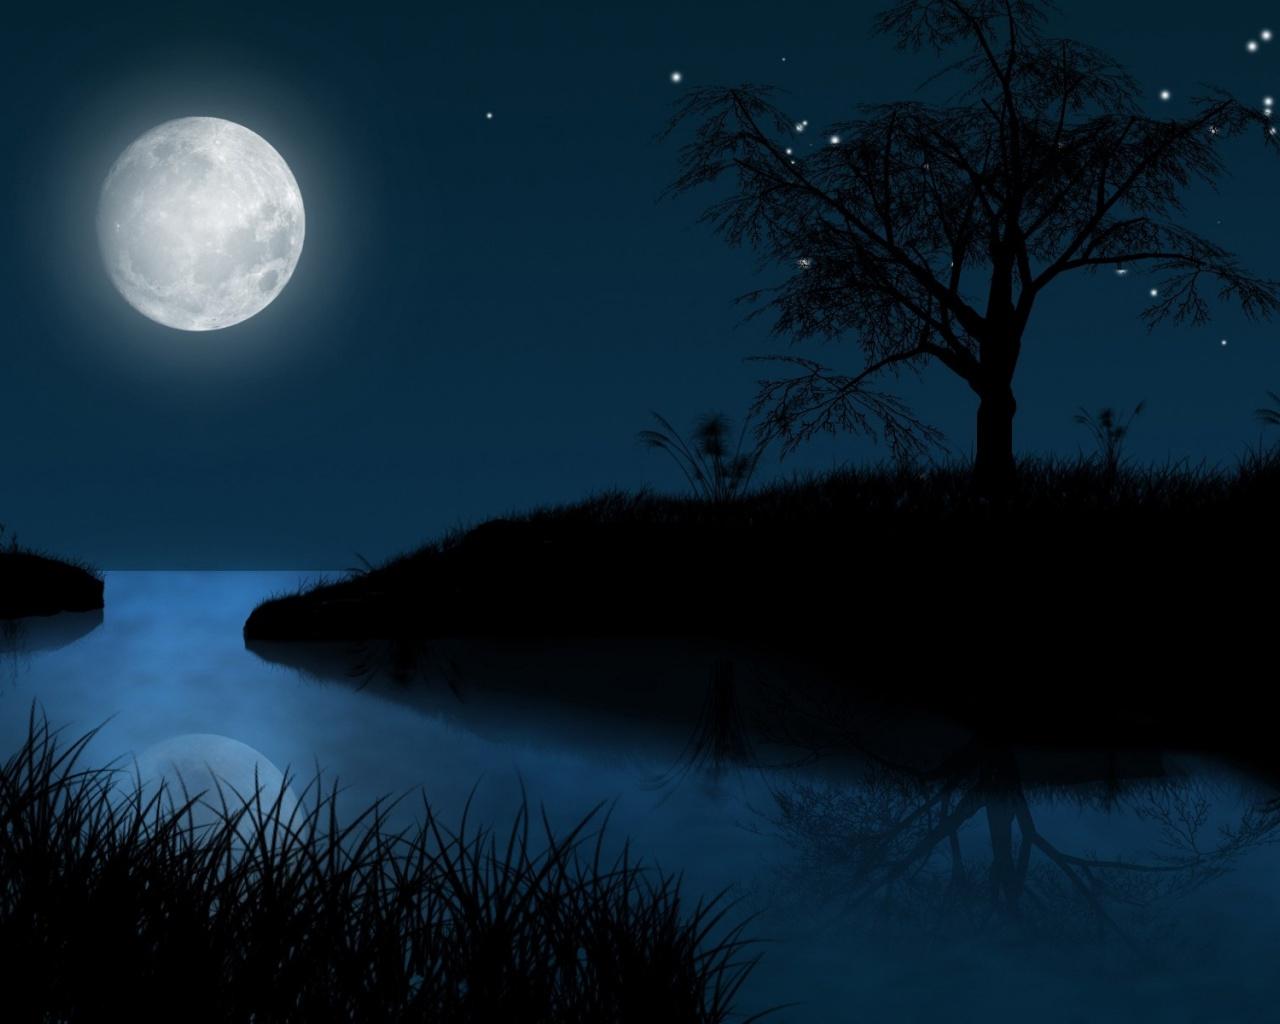 1280x1024 Black Grass Hill Tree Sea Moon desktop PC and Mac wallpaper 1280x1024